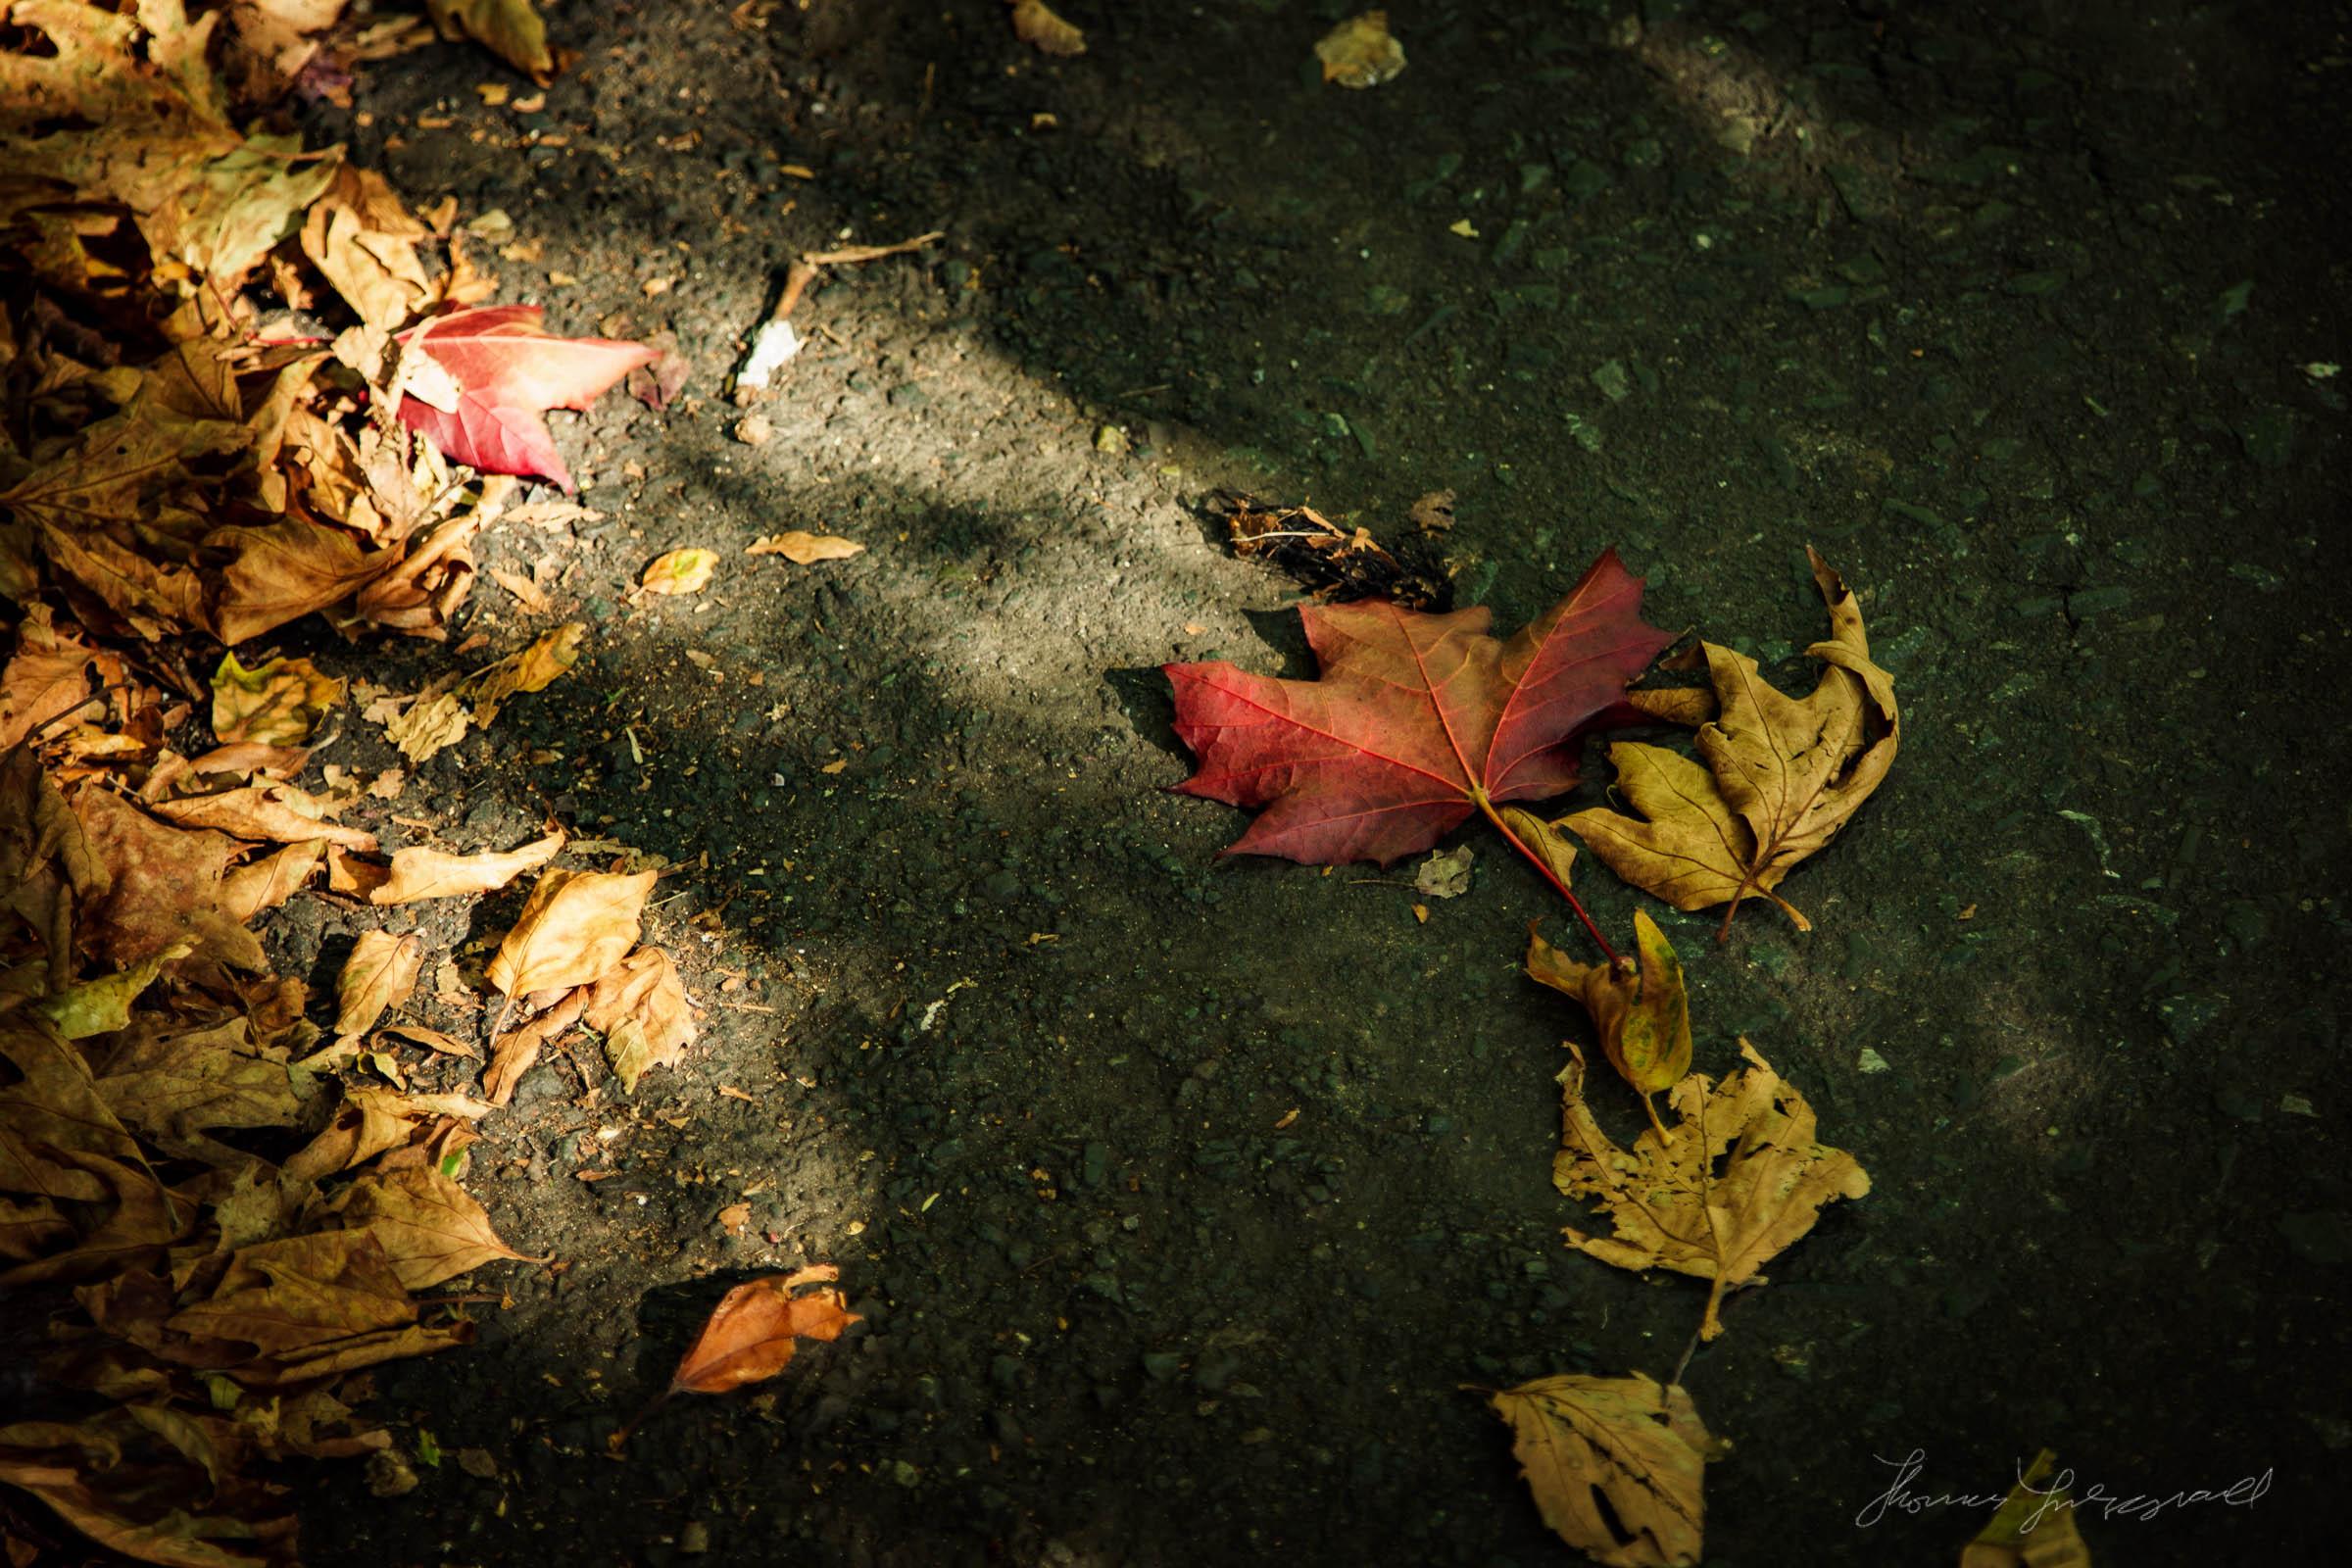 Autumn-Dublin-Sony-A6000-14.jpg